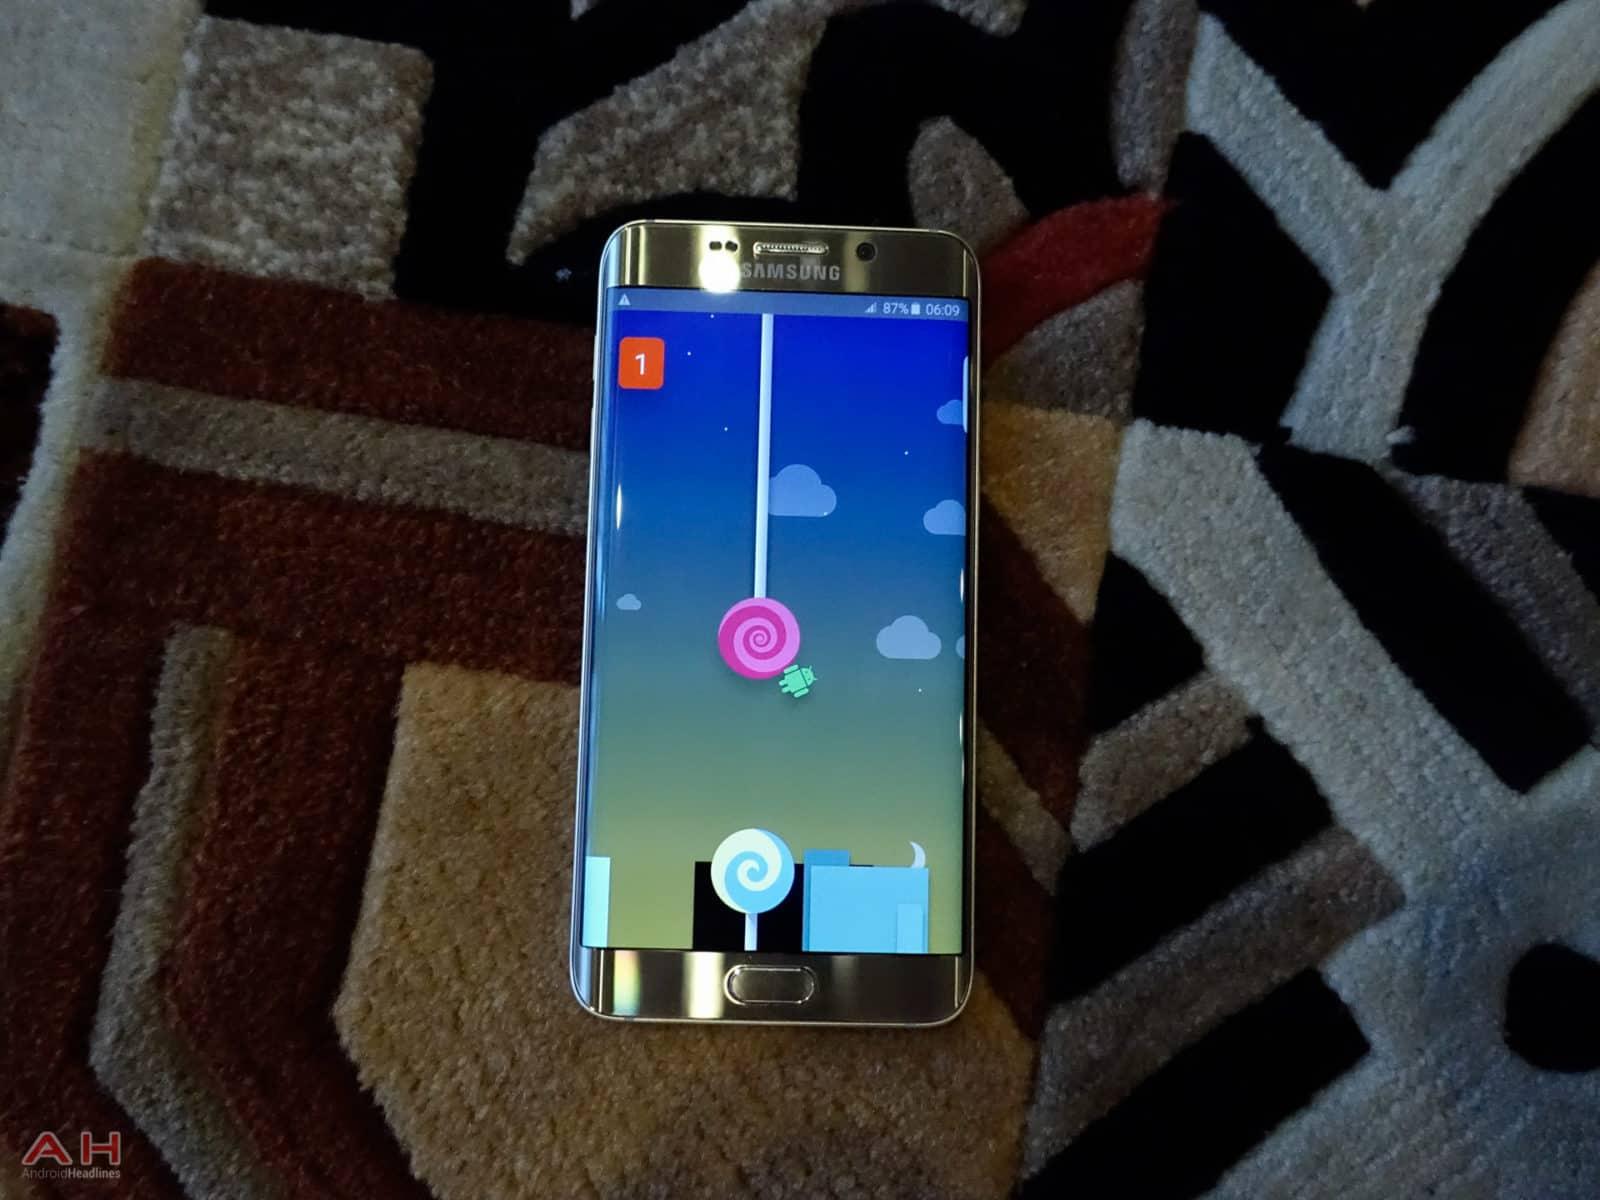 Samsung-Galaxy-S6-Edge-Plus-AH-3-2